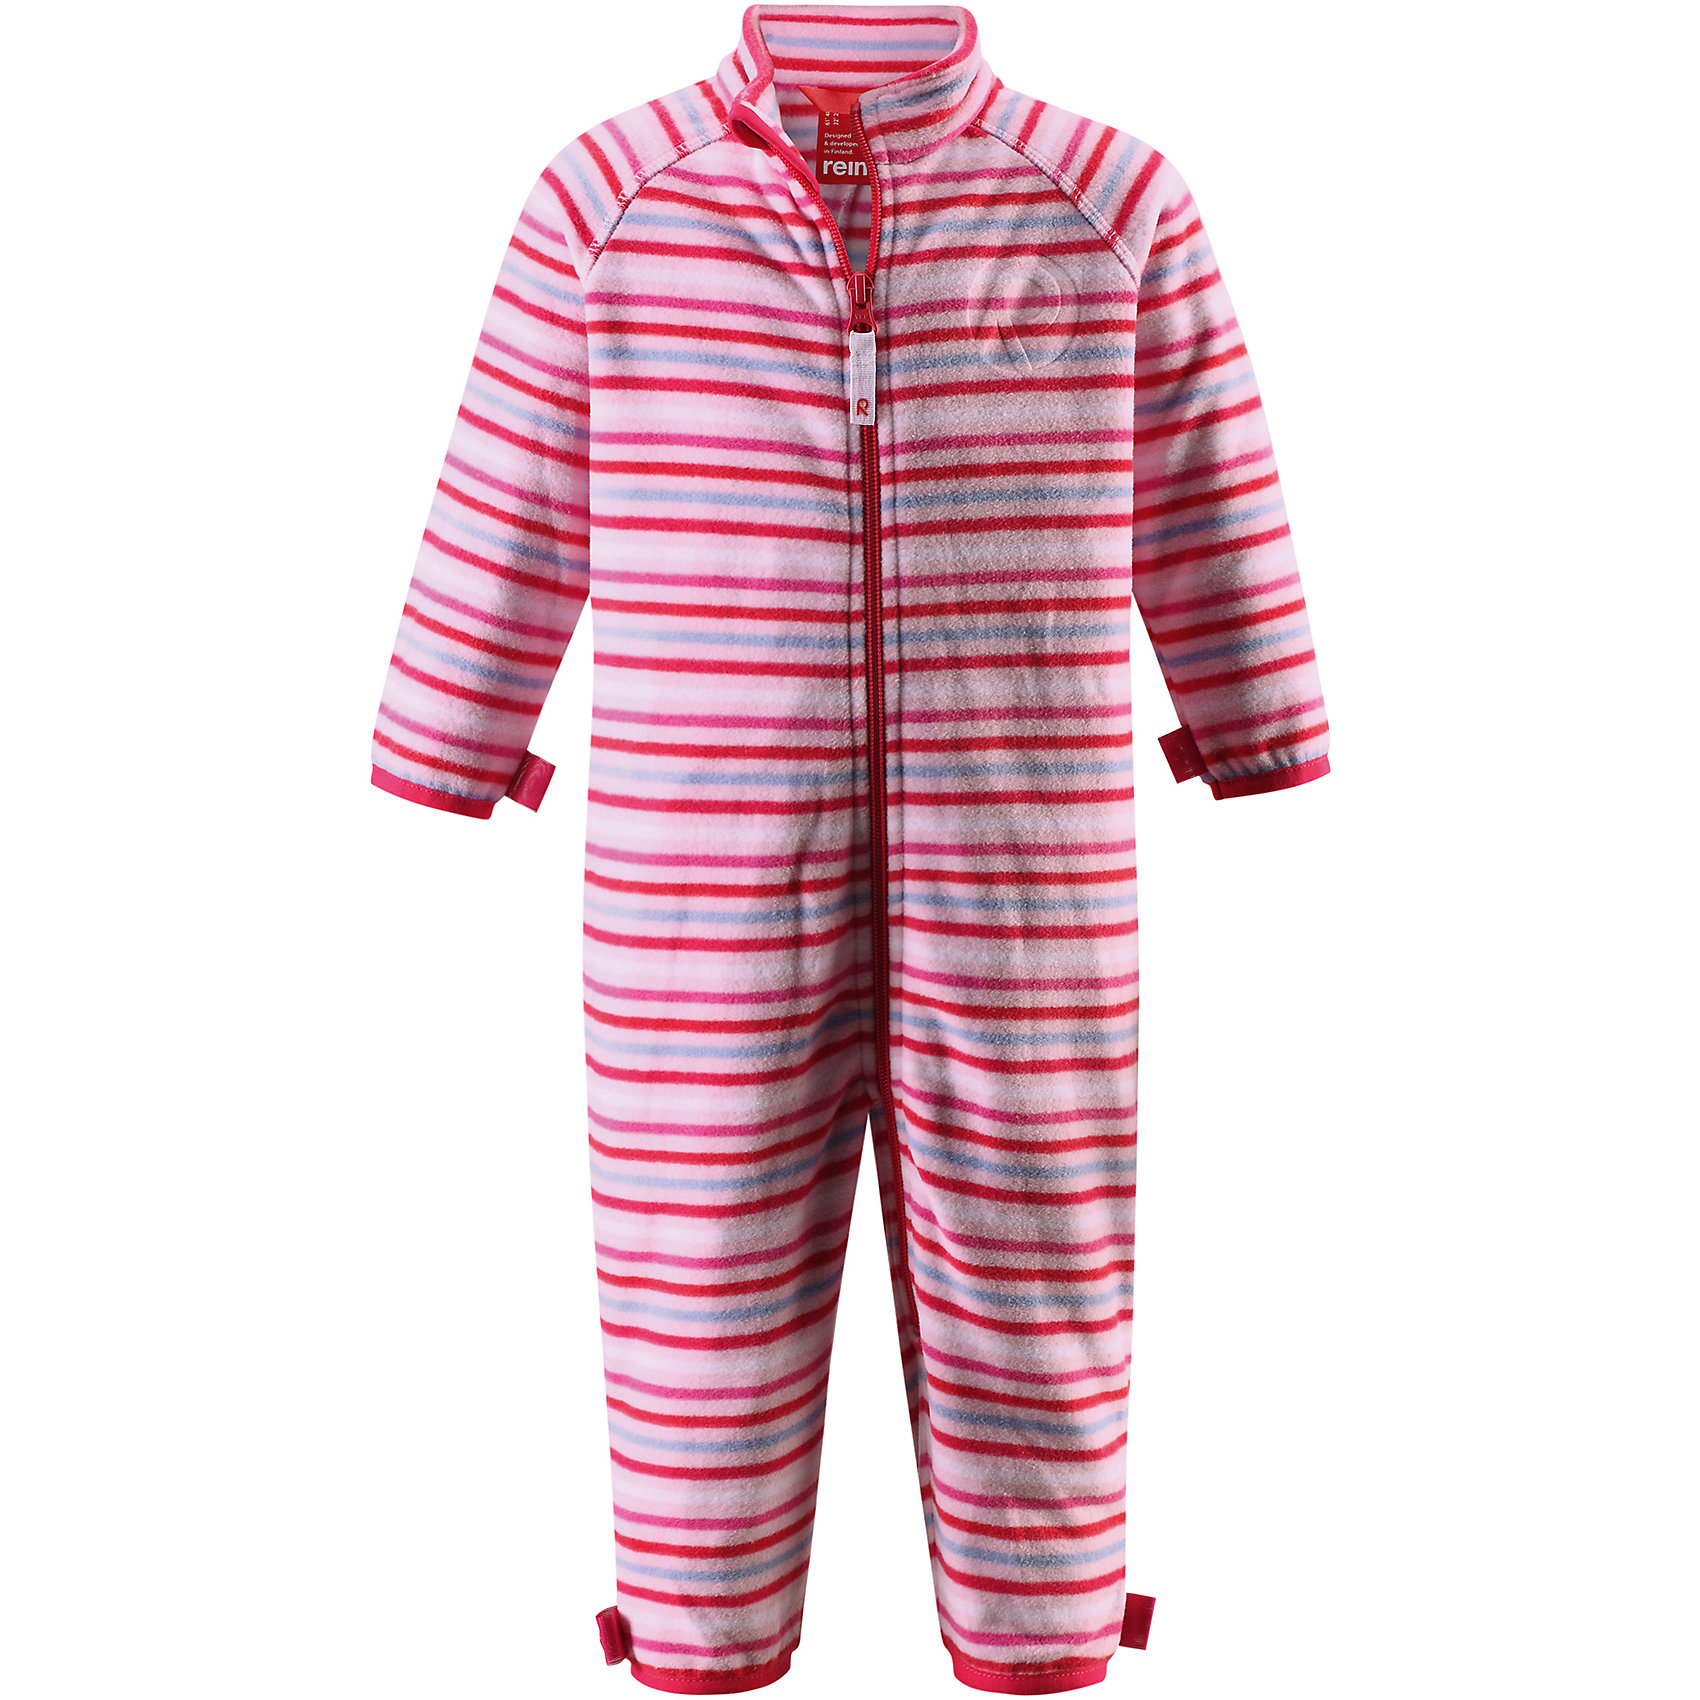 Комбинезон Kiesu для девочки ReimaФлис и термобелье<br>Характеристики товара:<br><br>• цвет: розовый<br>• состав: 100% полиэстер, флис<br>• тёплый, лёгкий и быстросохнущий полярный флис<br>• пристёгивается к верхней одежде Reima с помощью системы кнопок Play Layers<br>• эластичные манжеты на рукавах и брючинах<br>• молния во всю длину со вставкой для защиты подбородка<br>• с отделкой горячим тиснением<br>• комфортная посадка<br>• страна производства: Китай<br>• страна бренда: Финляндия<br>• коллекция: весна-лето 2017<br><br>Одежда для детей может быть теплой и комфортной одновременно! Удобный комбинезон поможет обеспечить ребенку комфорт и тепло. Изделие сшито из флиса - мягкого и теплого материала, приятного на ощупь. Модель стильно смотрится, отлично сочетается с различным низом. Симпатичный дизайн разрабатывался специально для детей.<br><br>Одежда и обувь от финского бренда Reima пользуется популярностью во многих странах. Эти изделия стильные, качественные и удобные. Для производства продукции используются только безопасные, проверенные материалы и фурнитура. Порадуйте ребенка модными и красивыми вещами от Reima! <br><br>Комбинезон от финского бренда Reima (Рейма) можно купить в нашем интернет-магазине.<br><br>Ширина мм: 190<br>Глубина мм: 74<br>Высота мм: 229<br>Вес г: 236<br>Цвет: розовый<br>Возраст от месяцев: 24<br>Возраст до месяцев: 36<br>Пол: Женский<br>Возраст: Детский<br>Размер: 98,80,68,74,86,92<br>SKU: 5271310